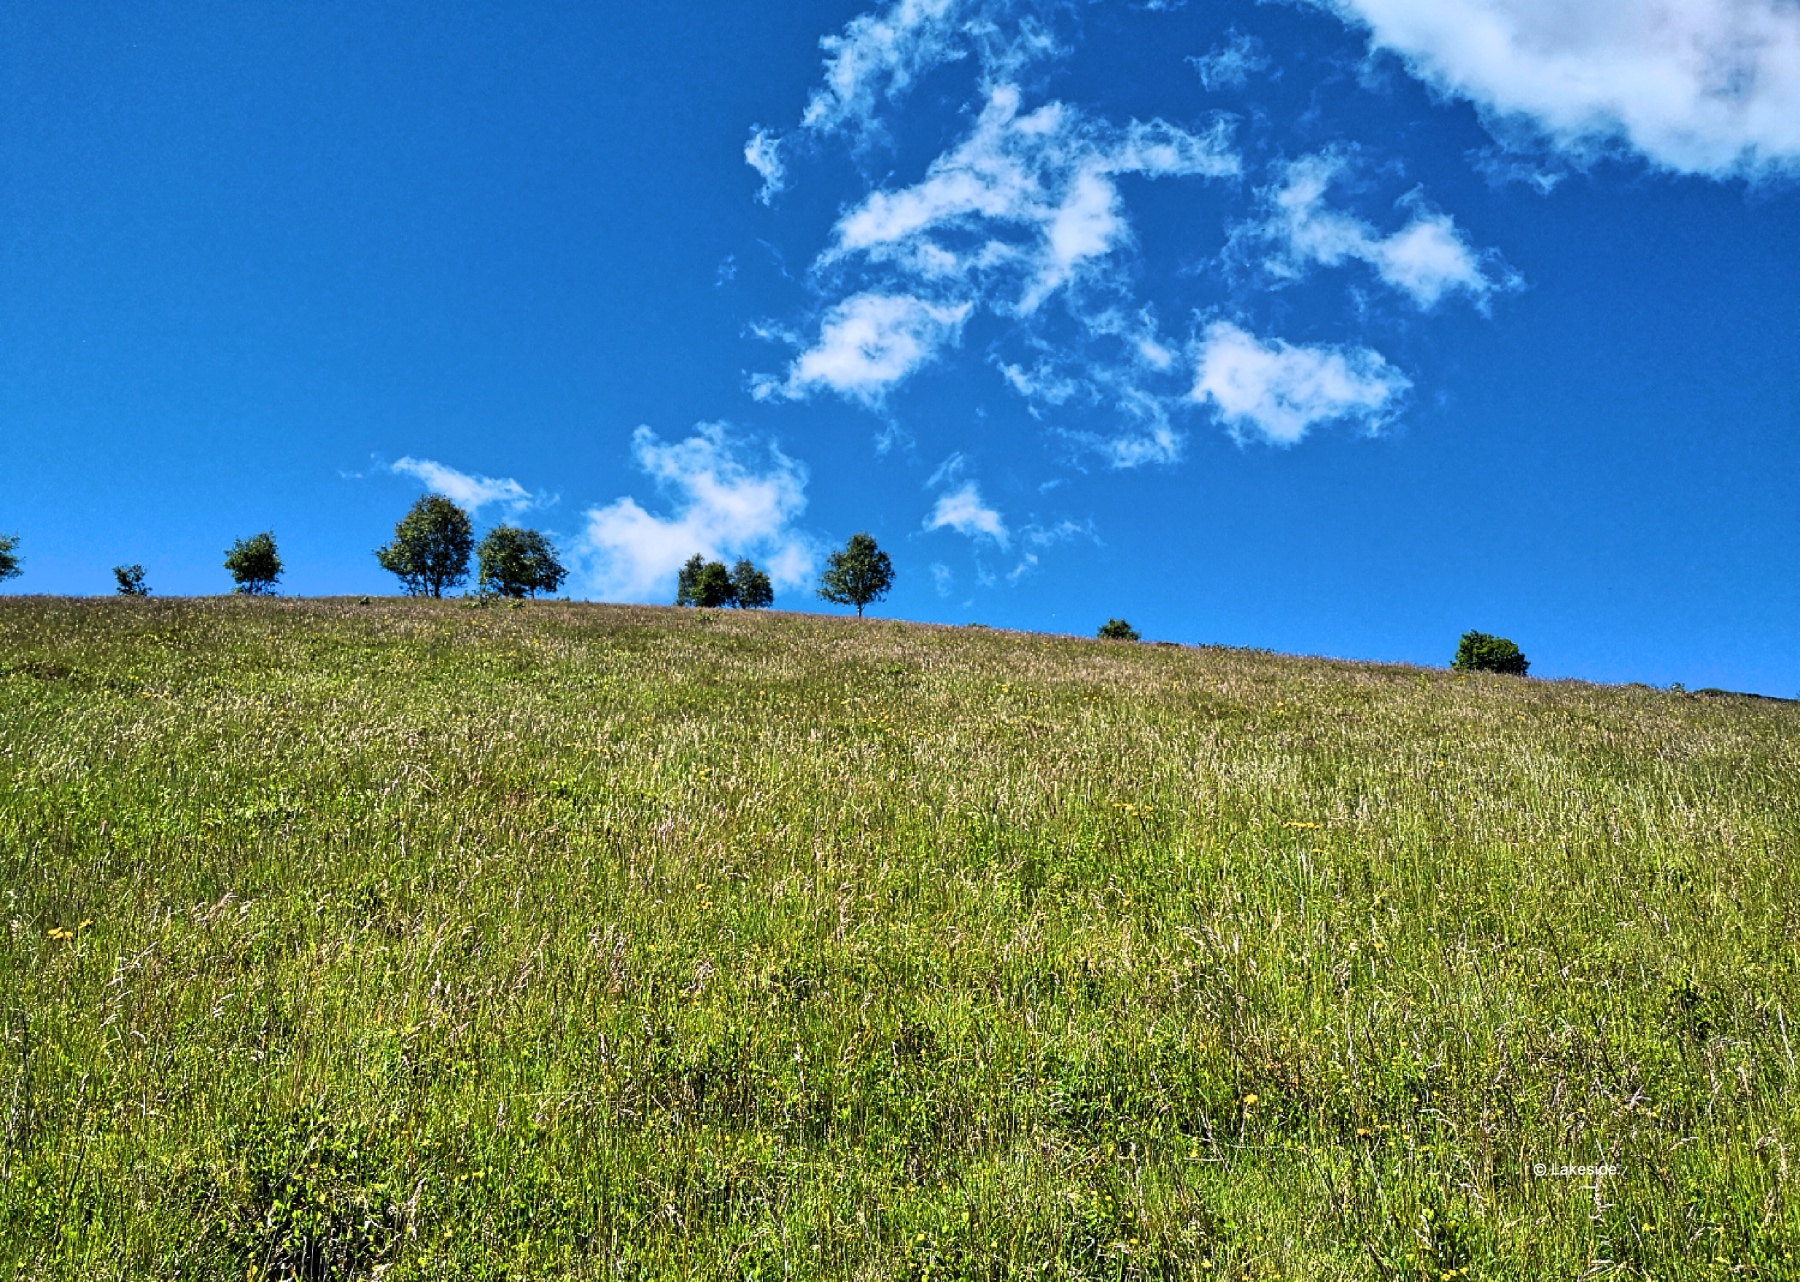 The grassy hills along the Sentiero basso